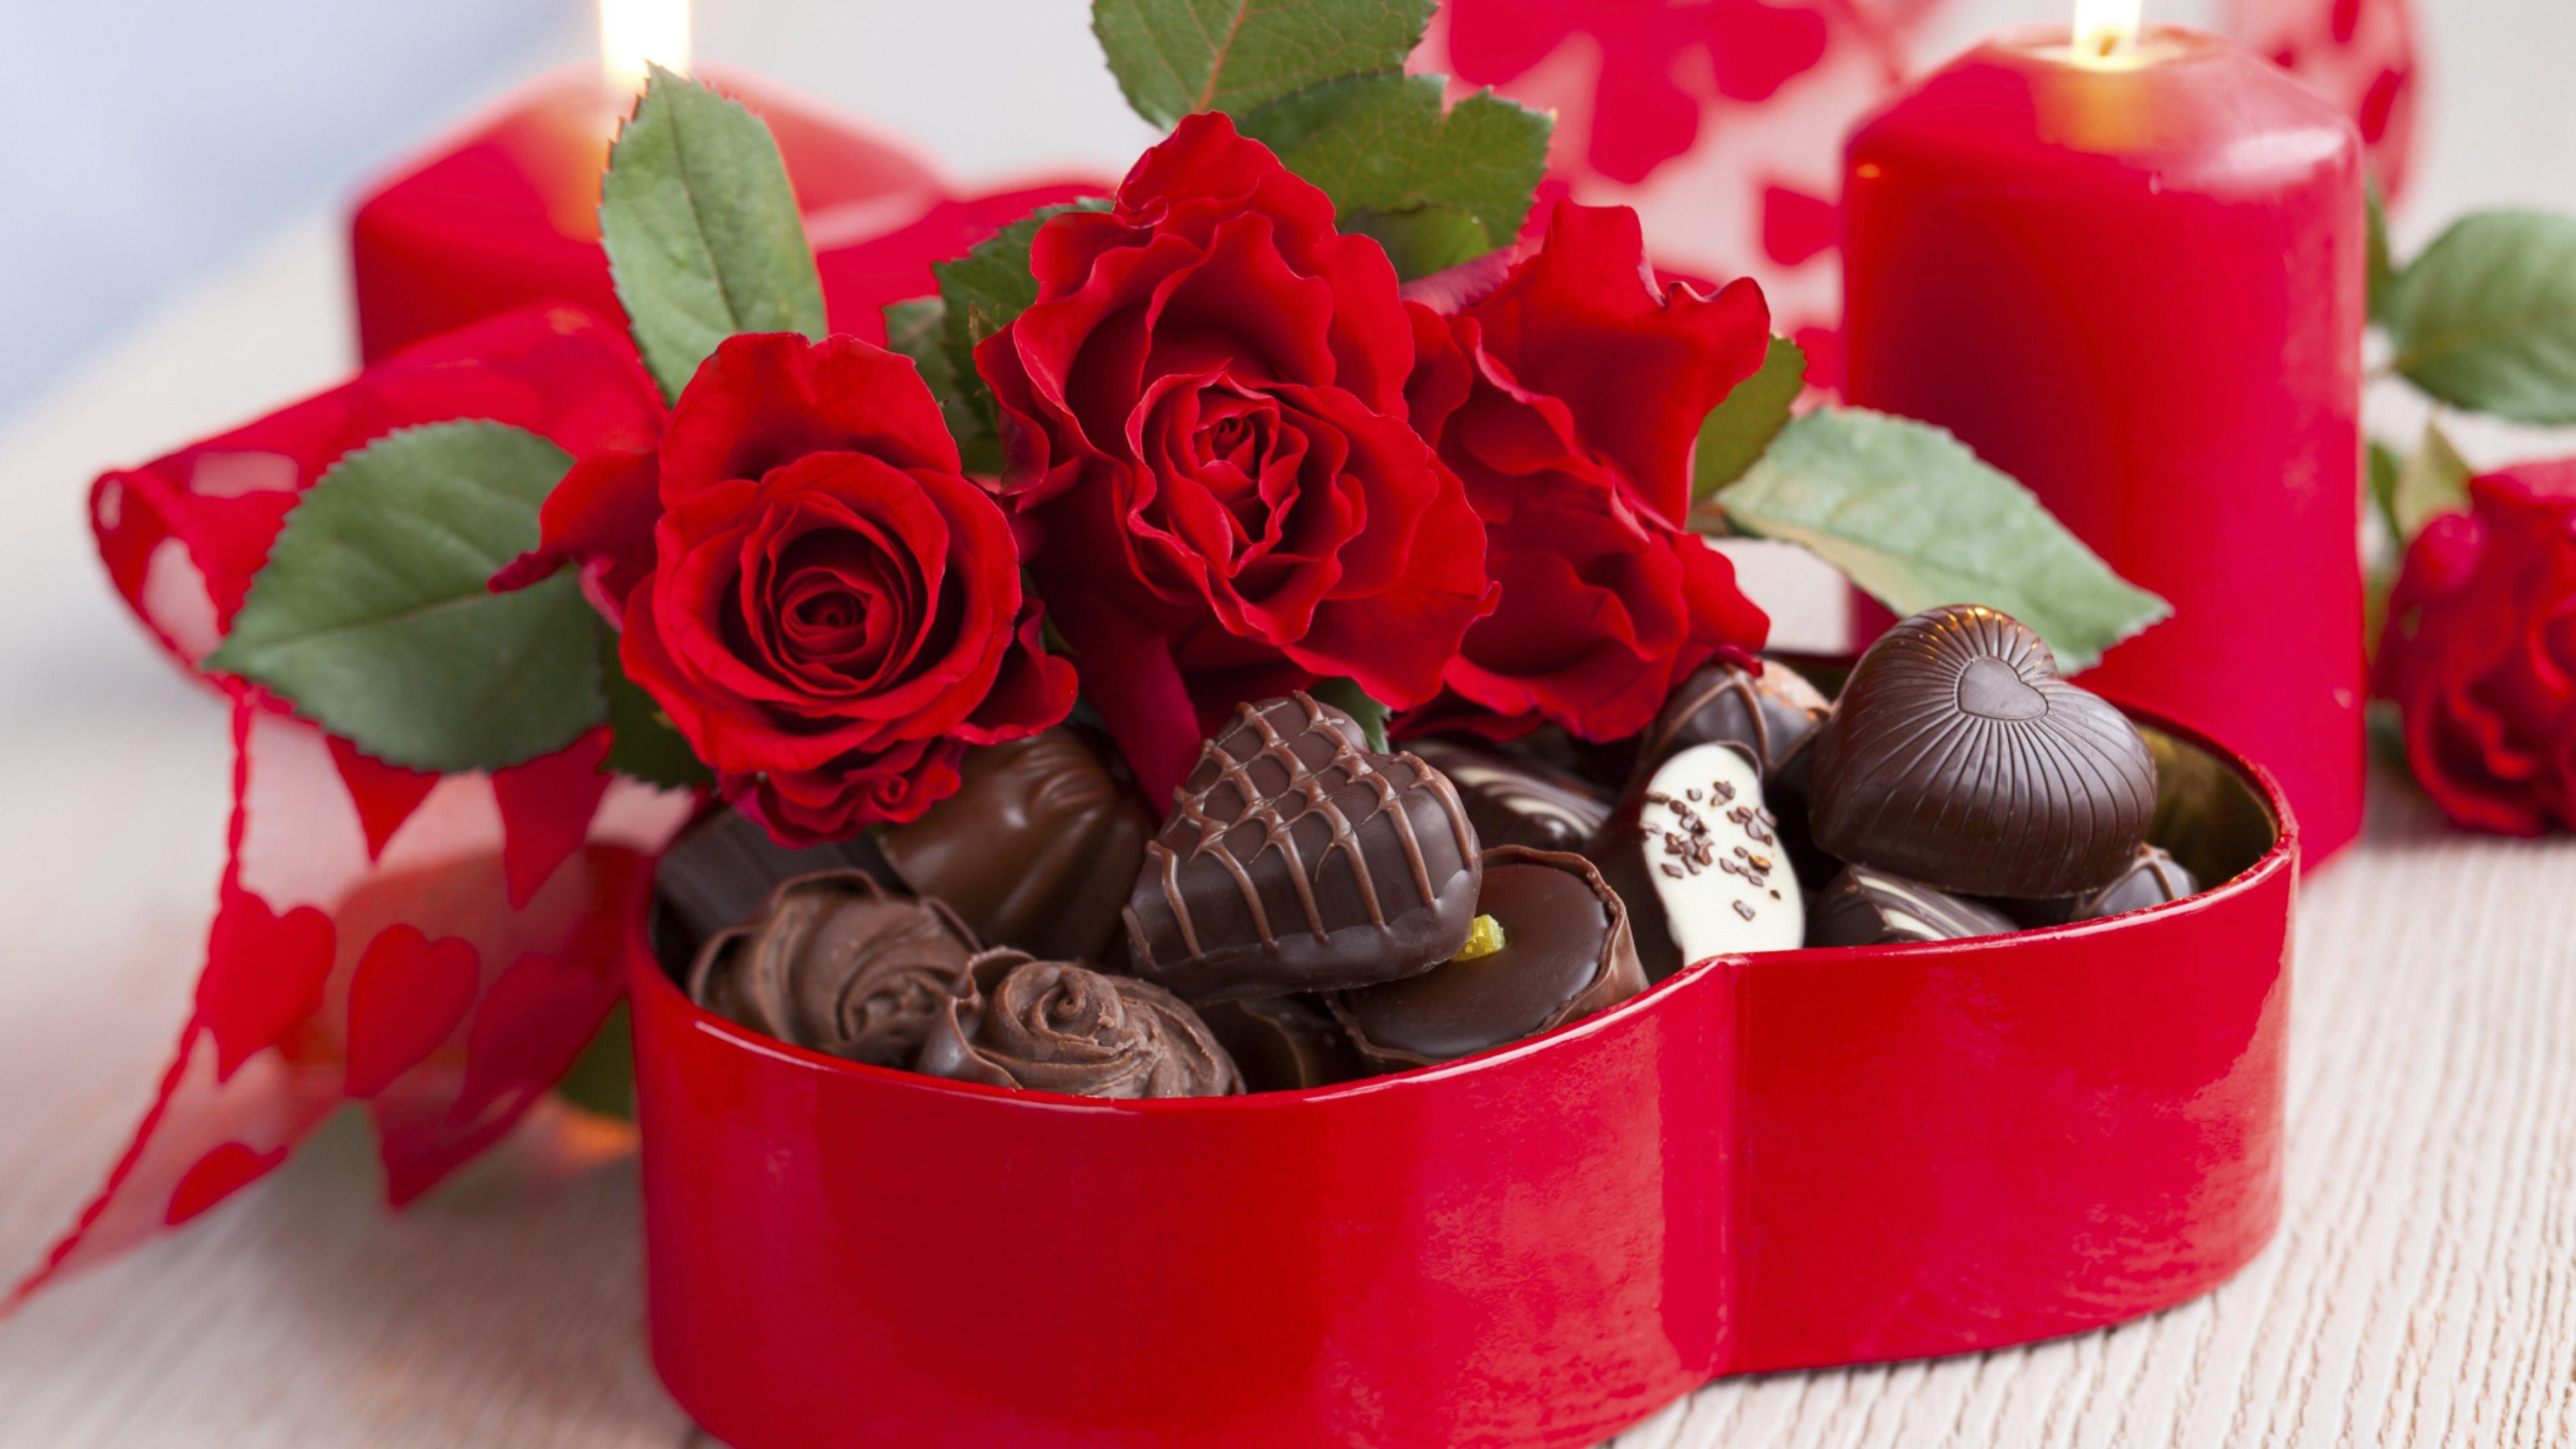 Bật mí những món quà tặng Valentine ý nghĩa làm say đắm các nàng